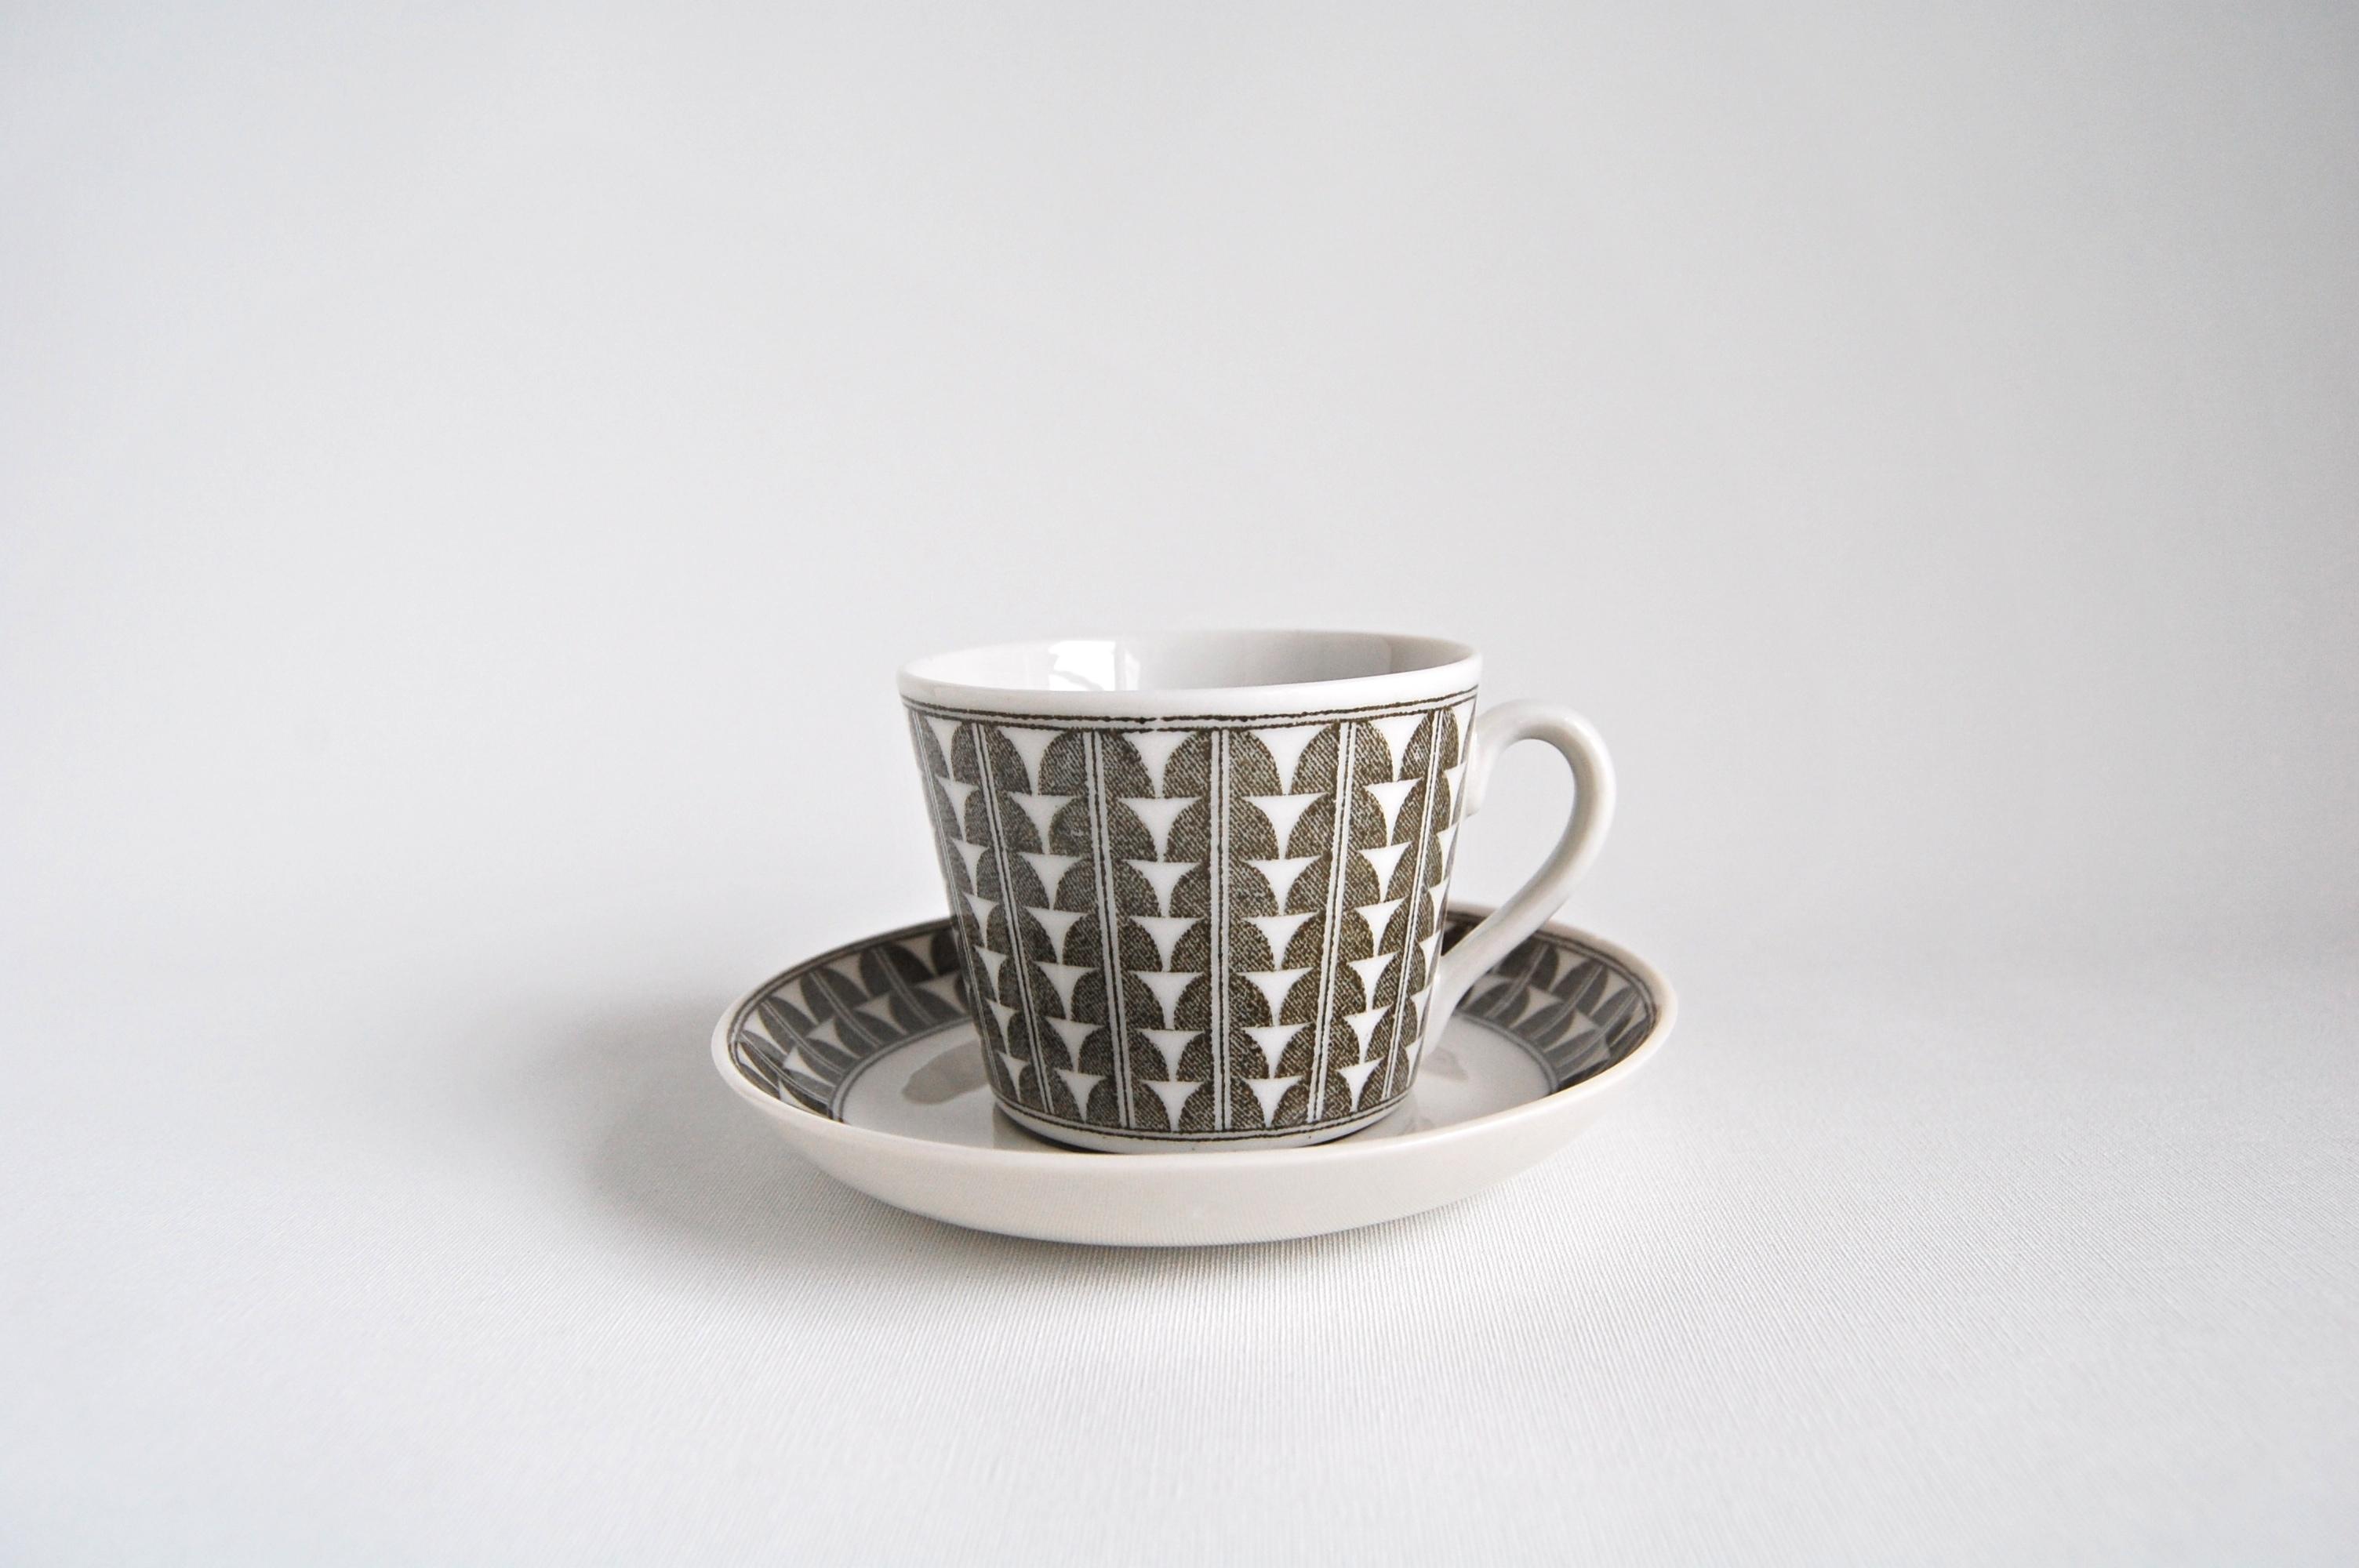 Upsala Ekeby/ウプサラ・エクビィ VARIANT/バリアント コーヒーカップ&ソーサー 001